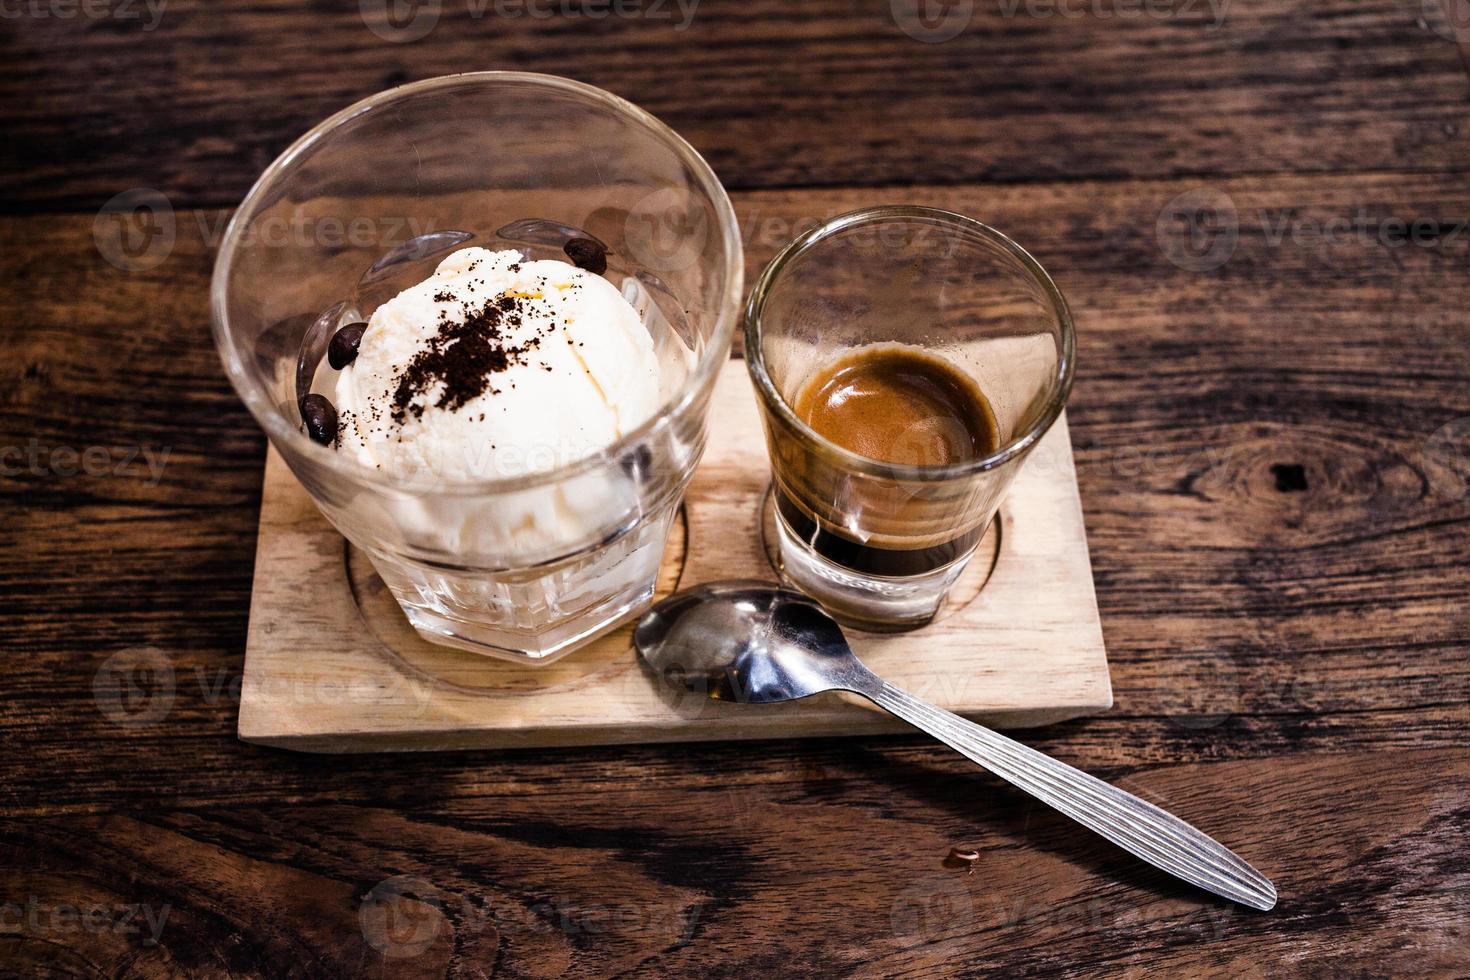 Affogato con helado y café. foto